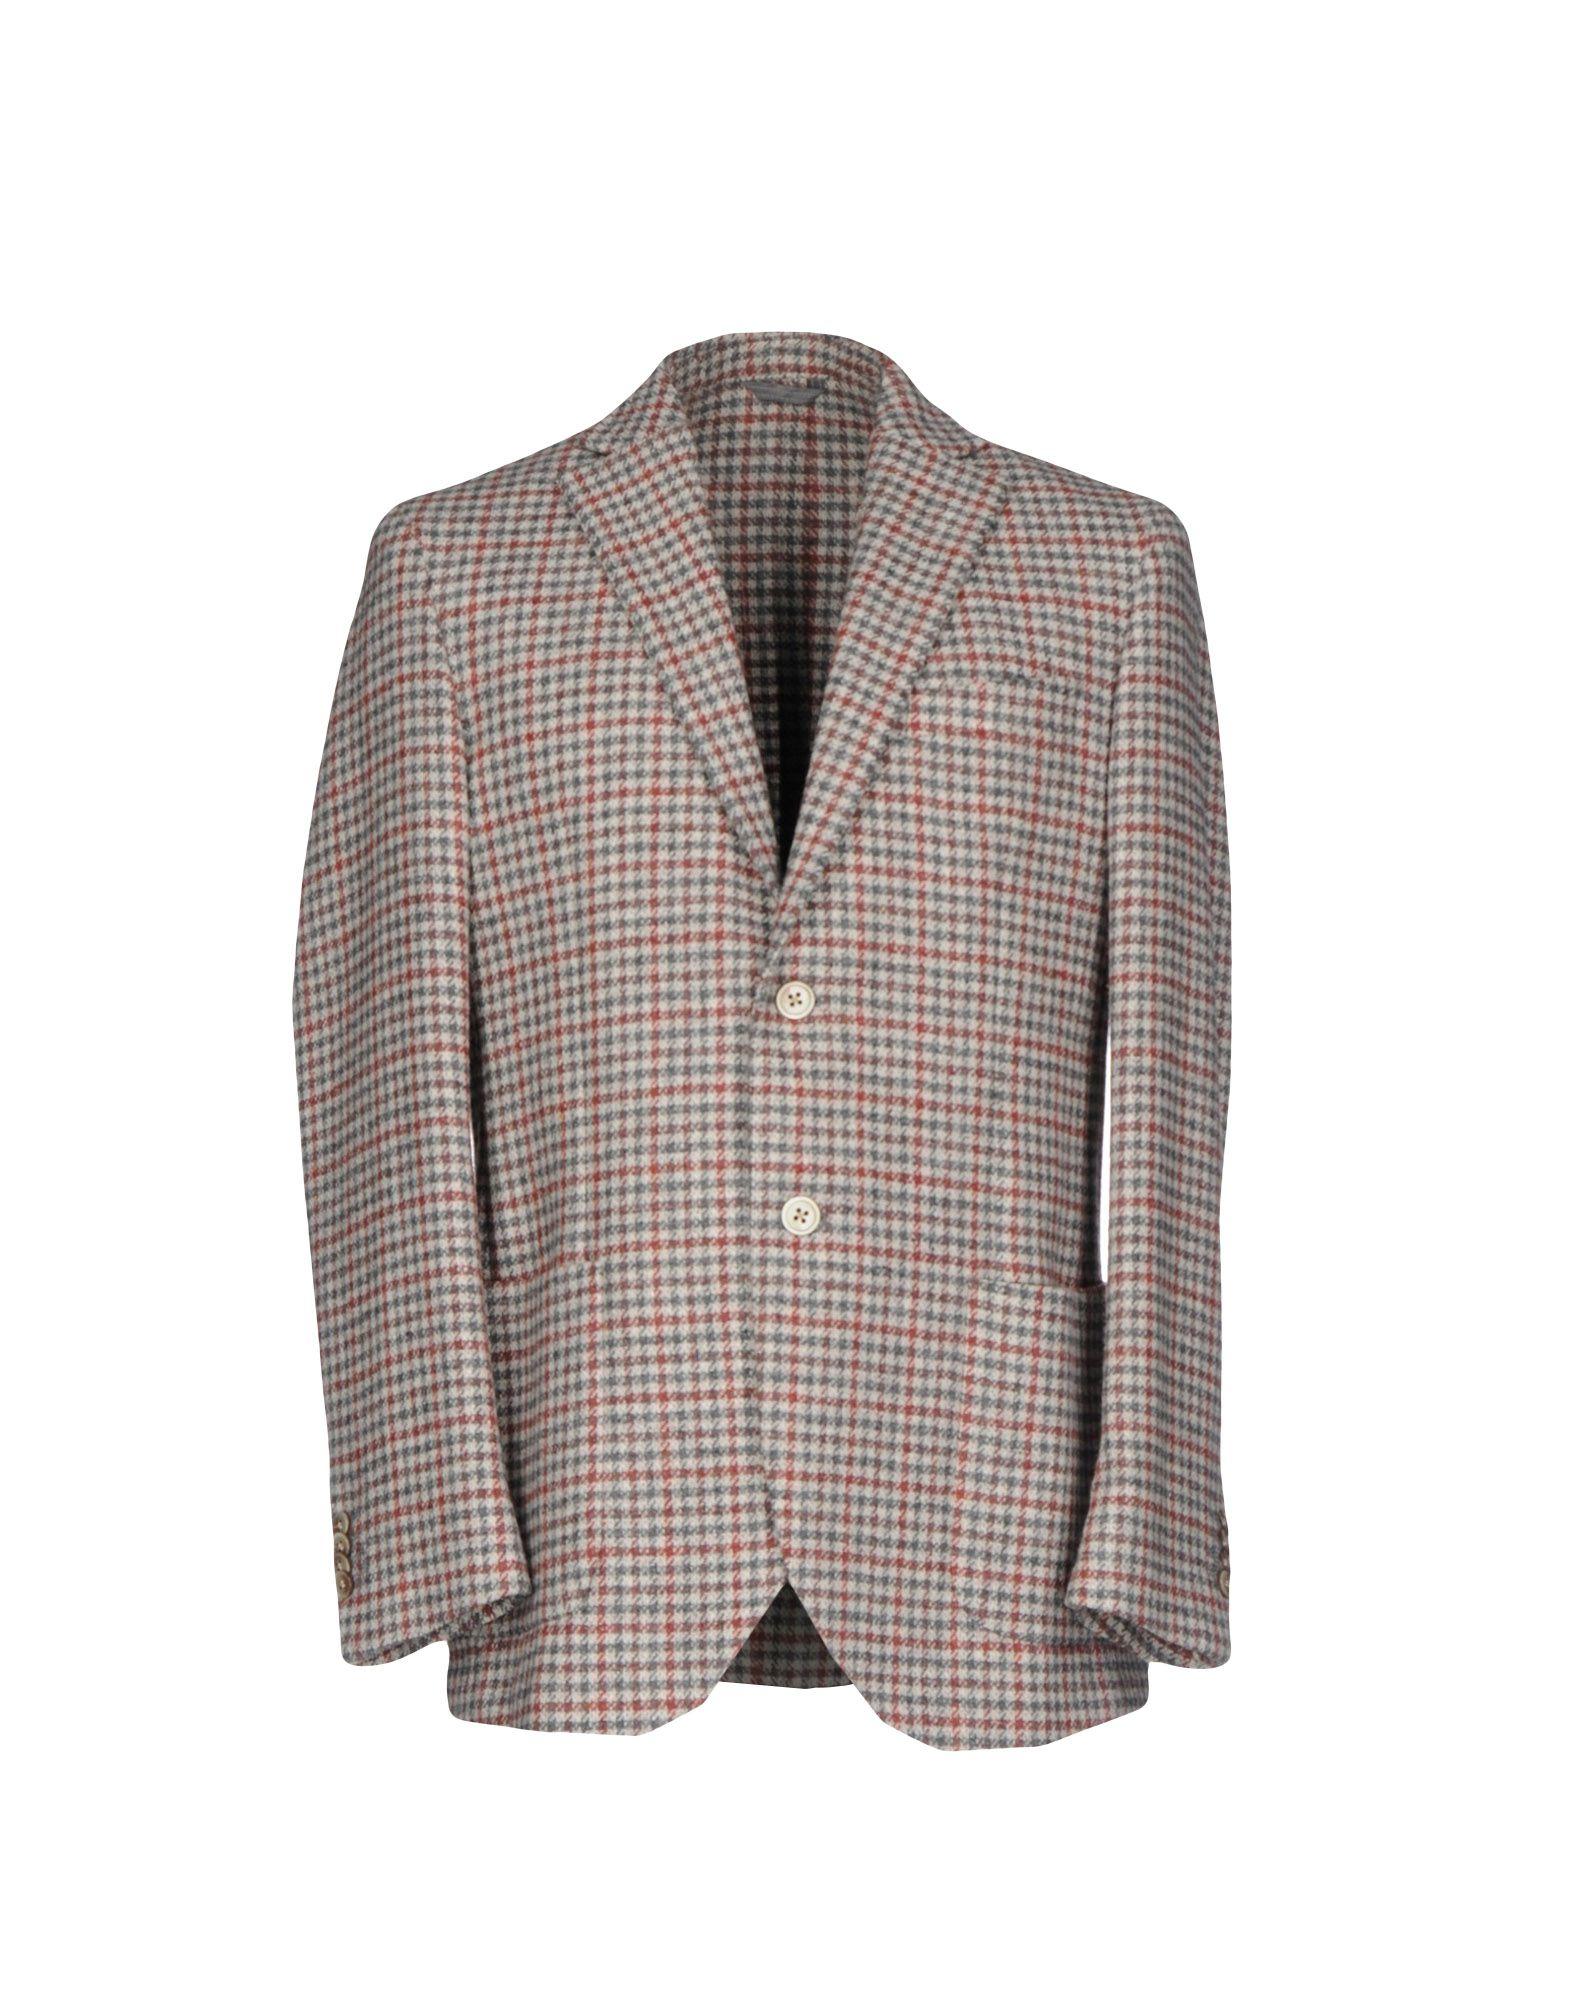 LUIGI BIANCHI Mantova Herren Jackett Farbe Grau Größe 6 jetztbilligerkaufen